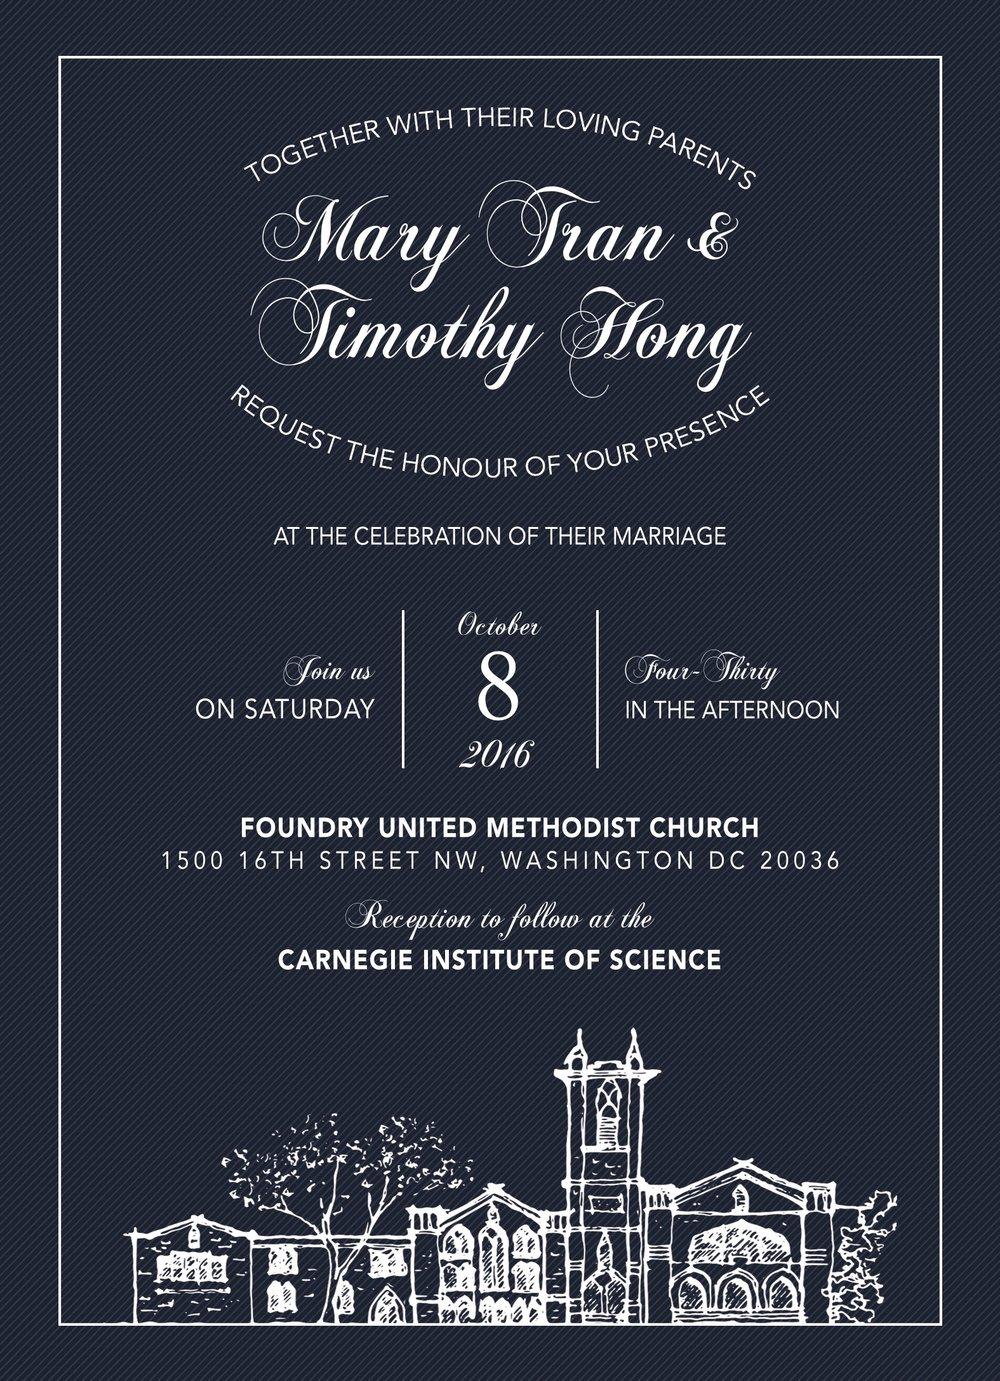 062816_MaryTran_Invite_FINAL.jpg